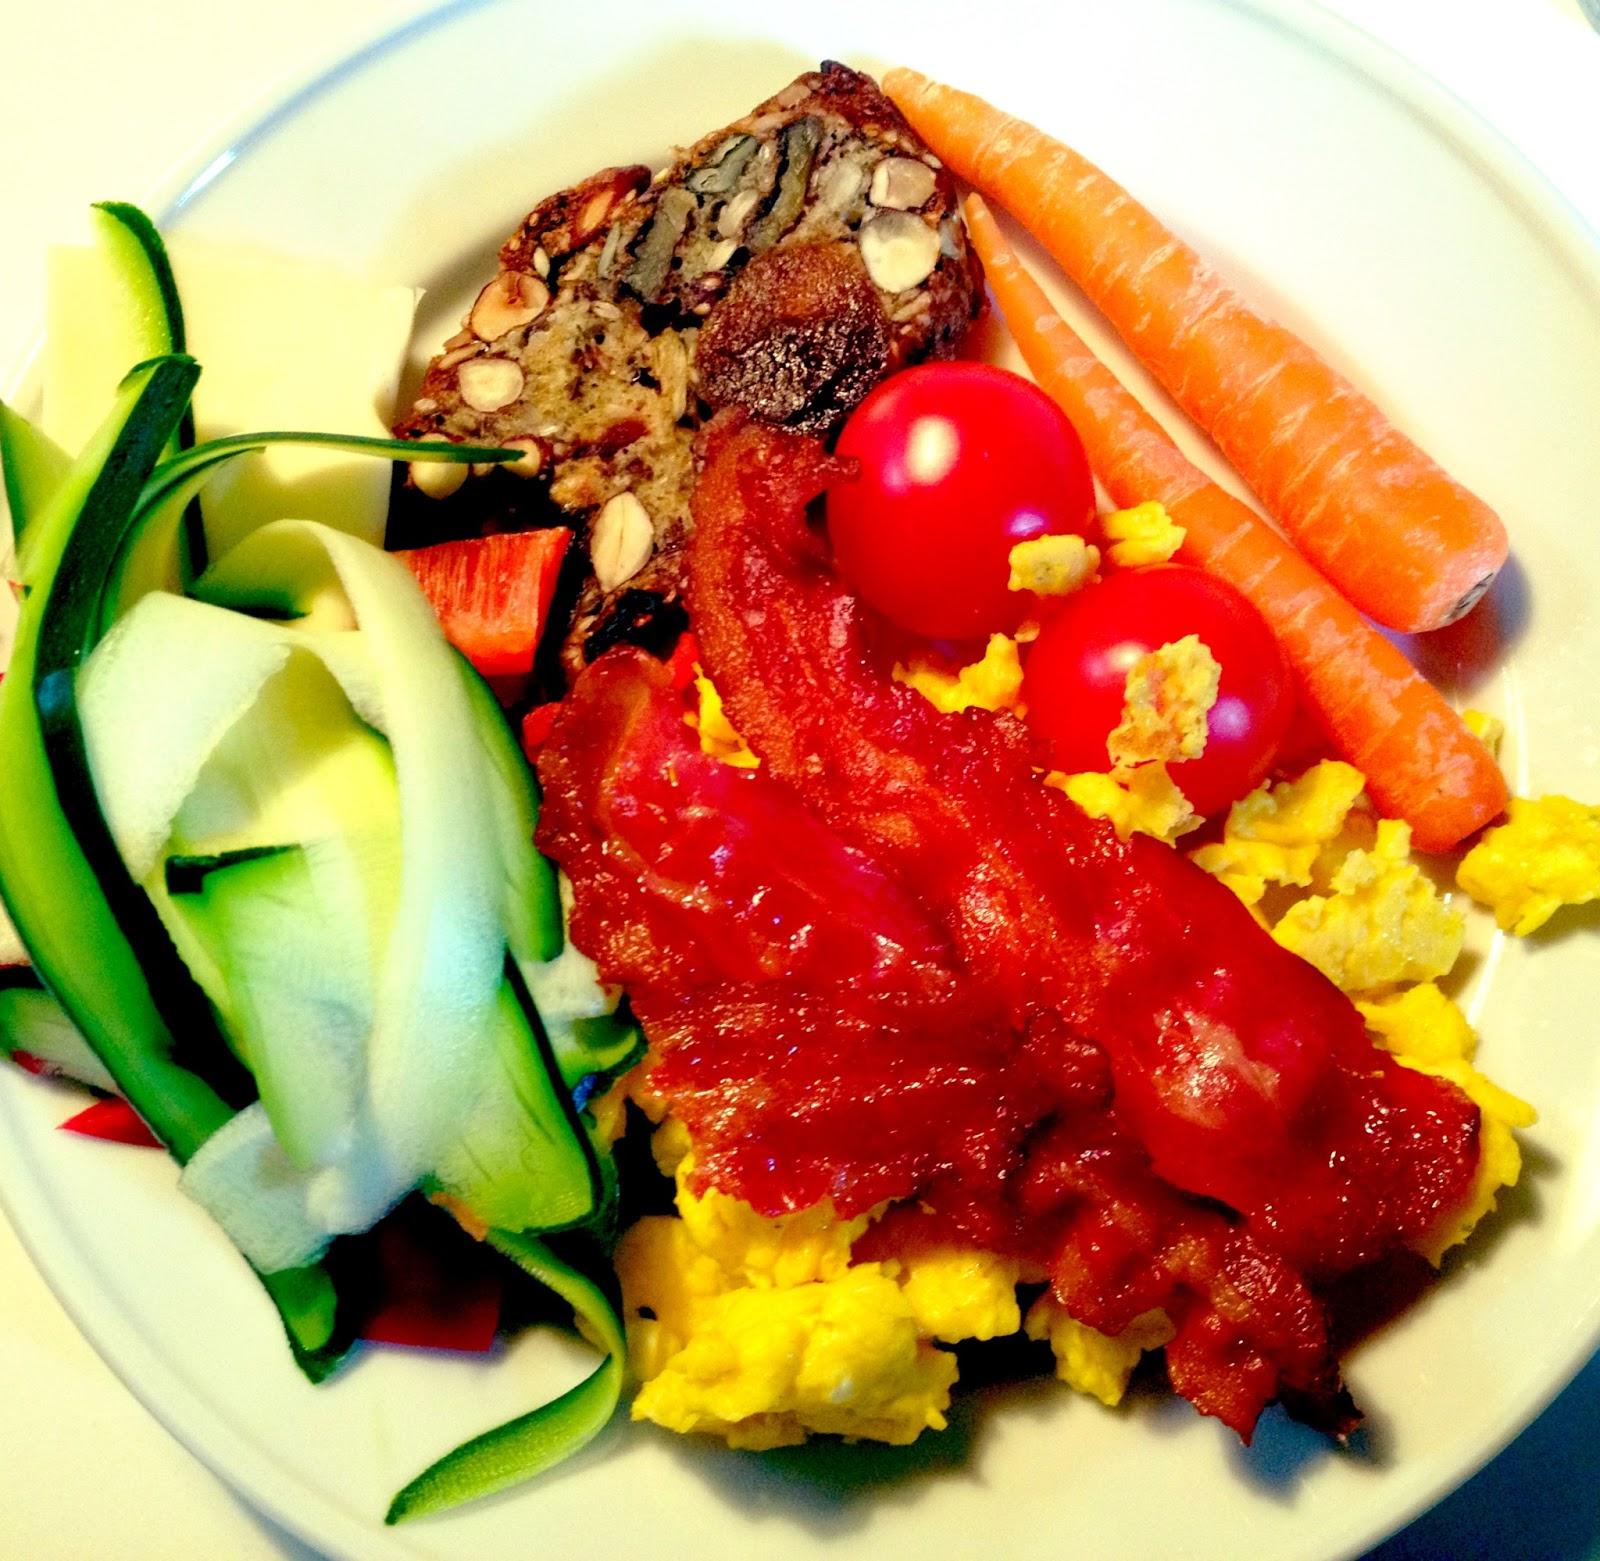 frokost, sund, paleo, palæo, æg, bacon, paleobrød, brød, palæobrød, grøntsager, gulerødder, tomat, agurk, squash, agurk, peberfrugt